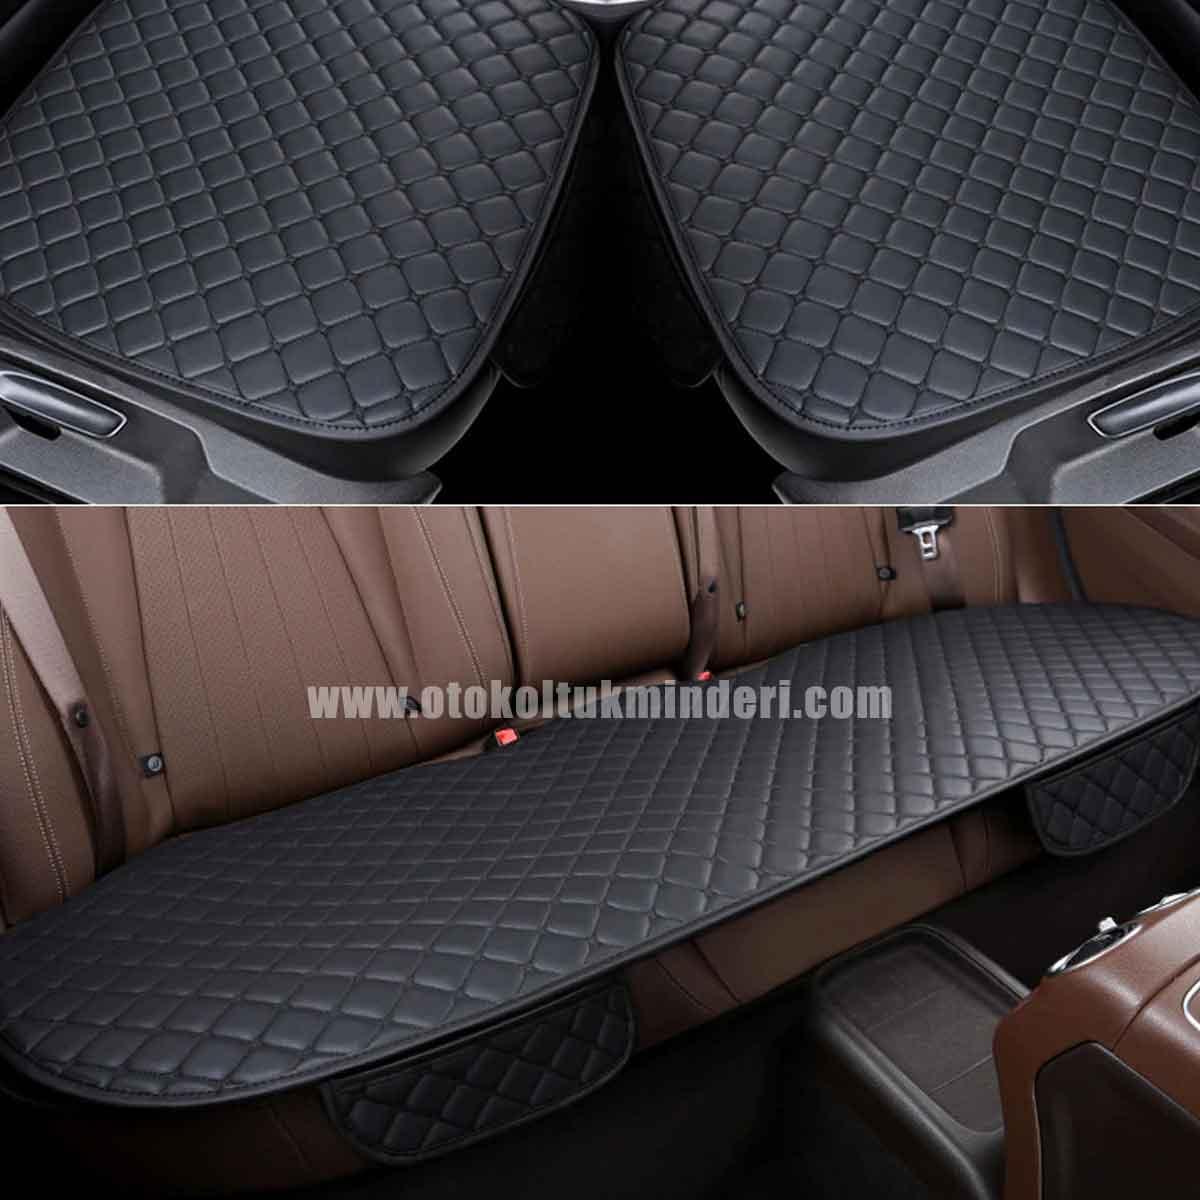 Peugeot koltuk kılıfı deri - Peugeot Koltuk minderi Siyah Deri Cepli